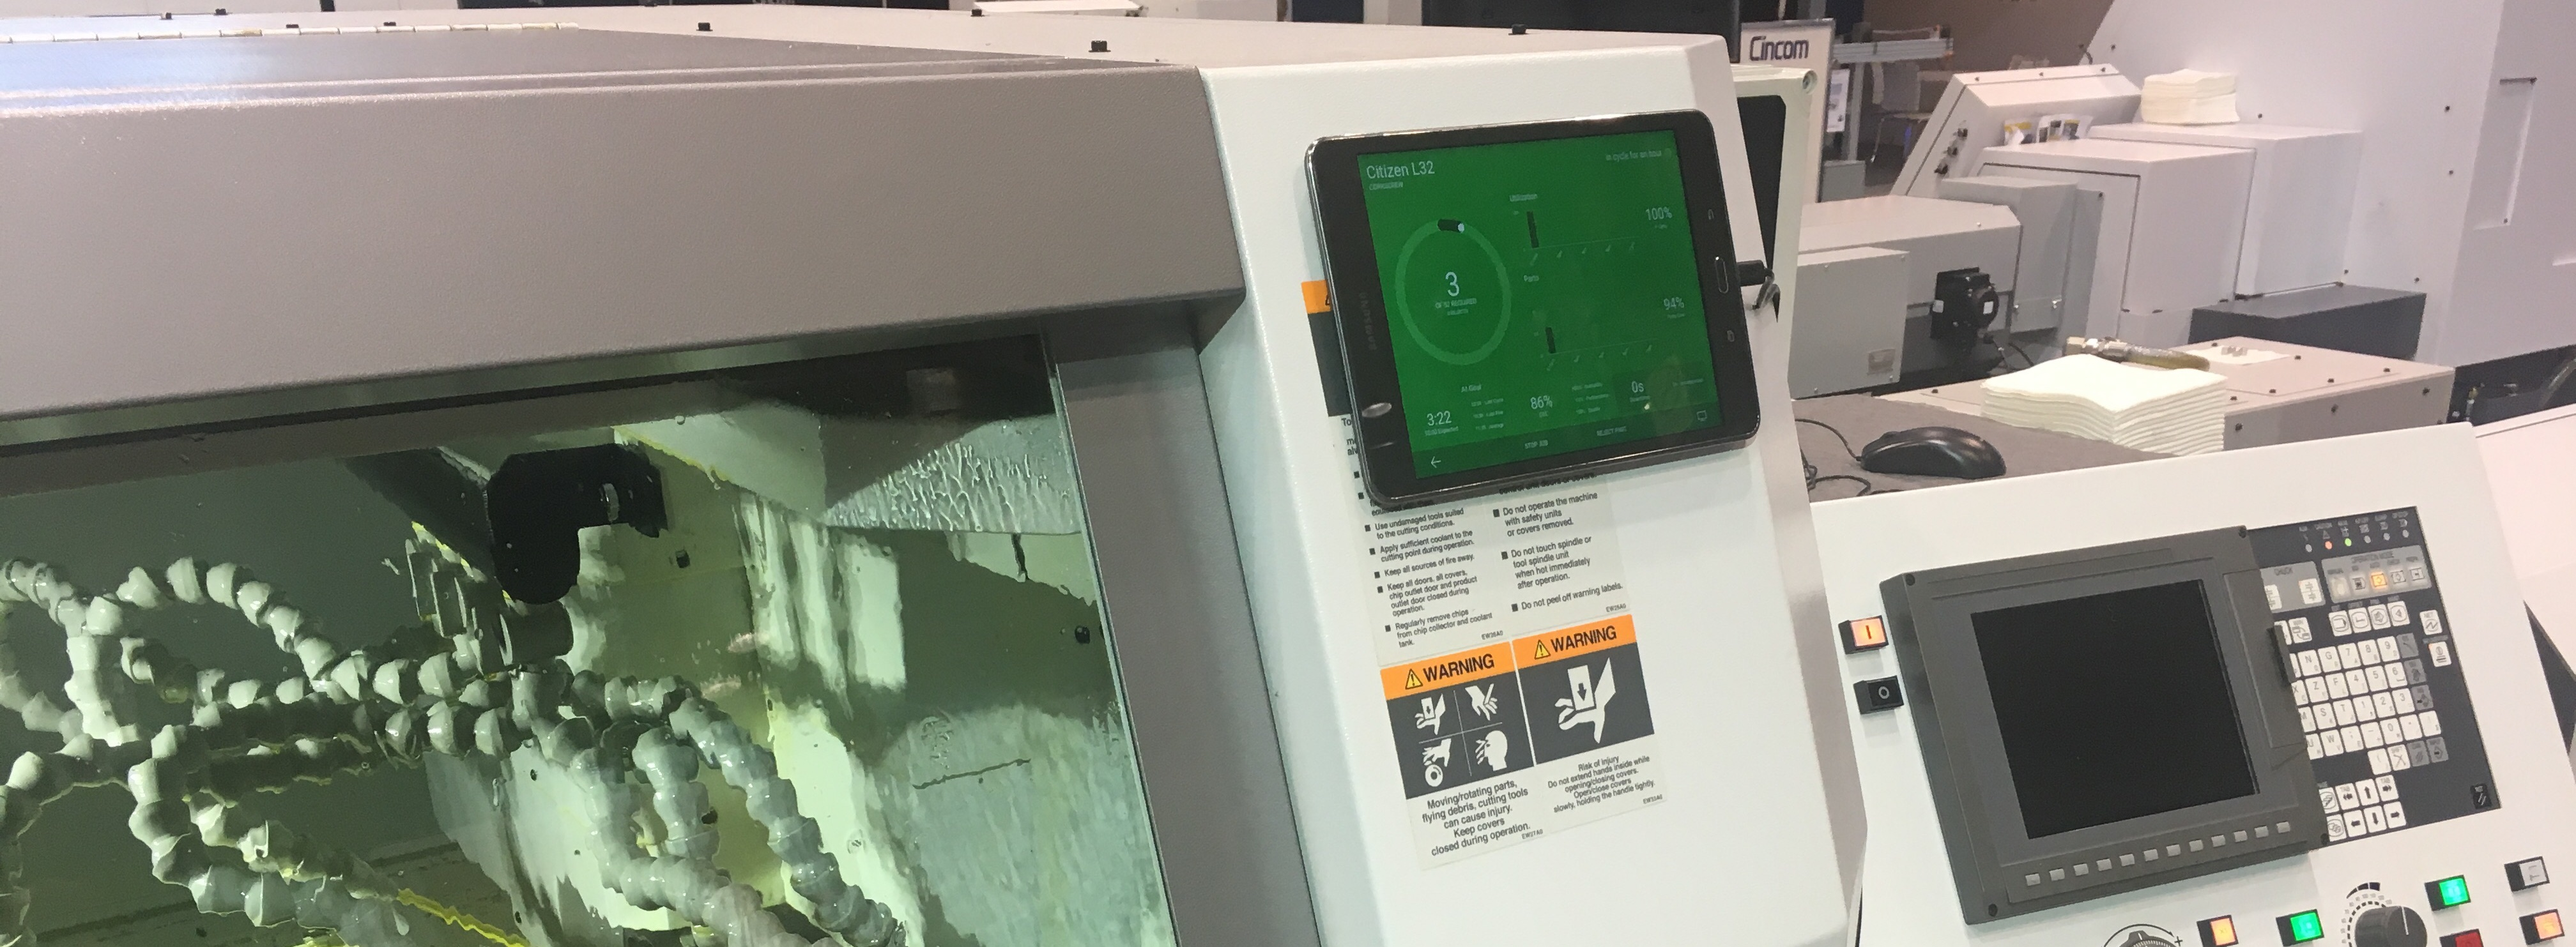 Swiss CNC Machine Monitoring | MachineMetrics